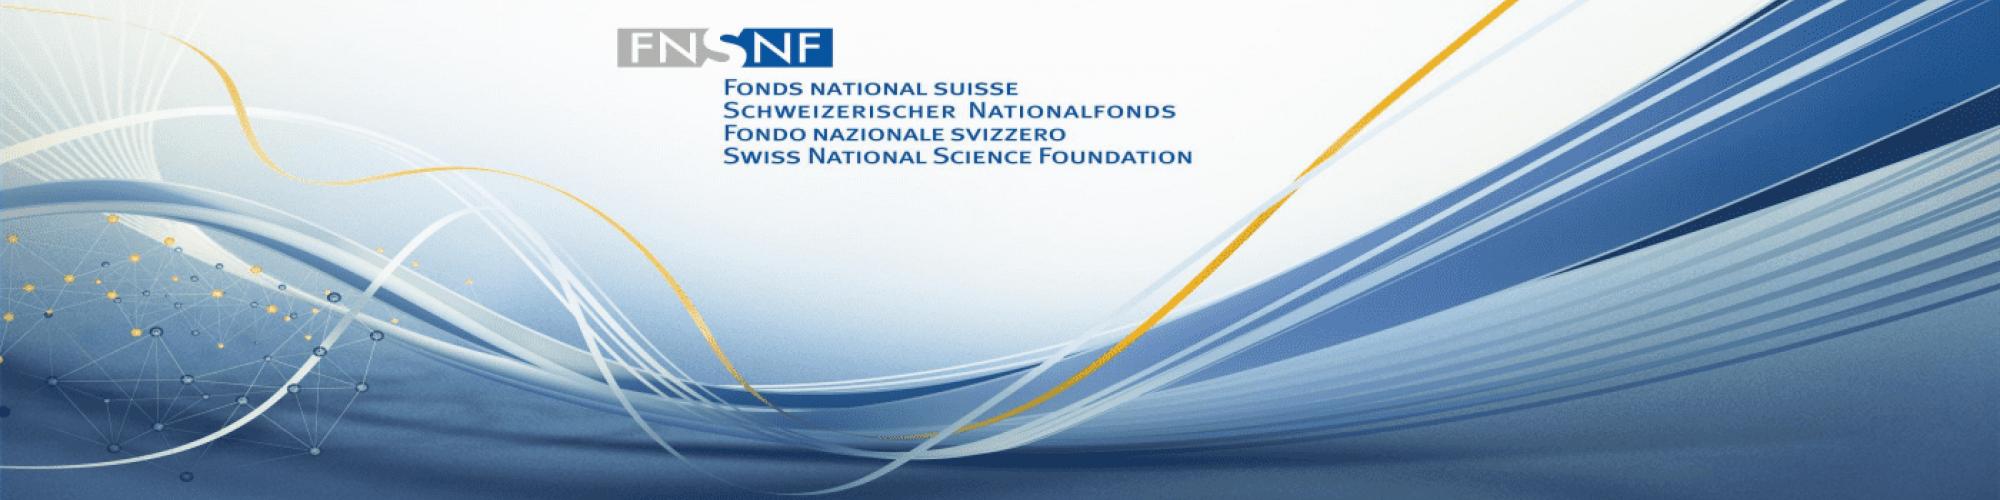 Schweizerischer Nationalfonds